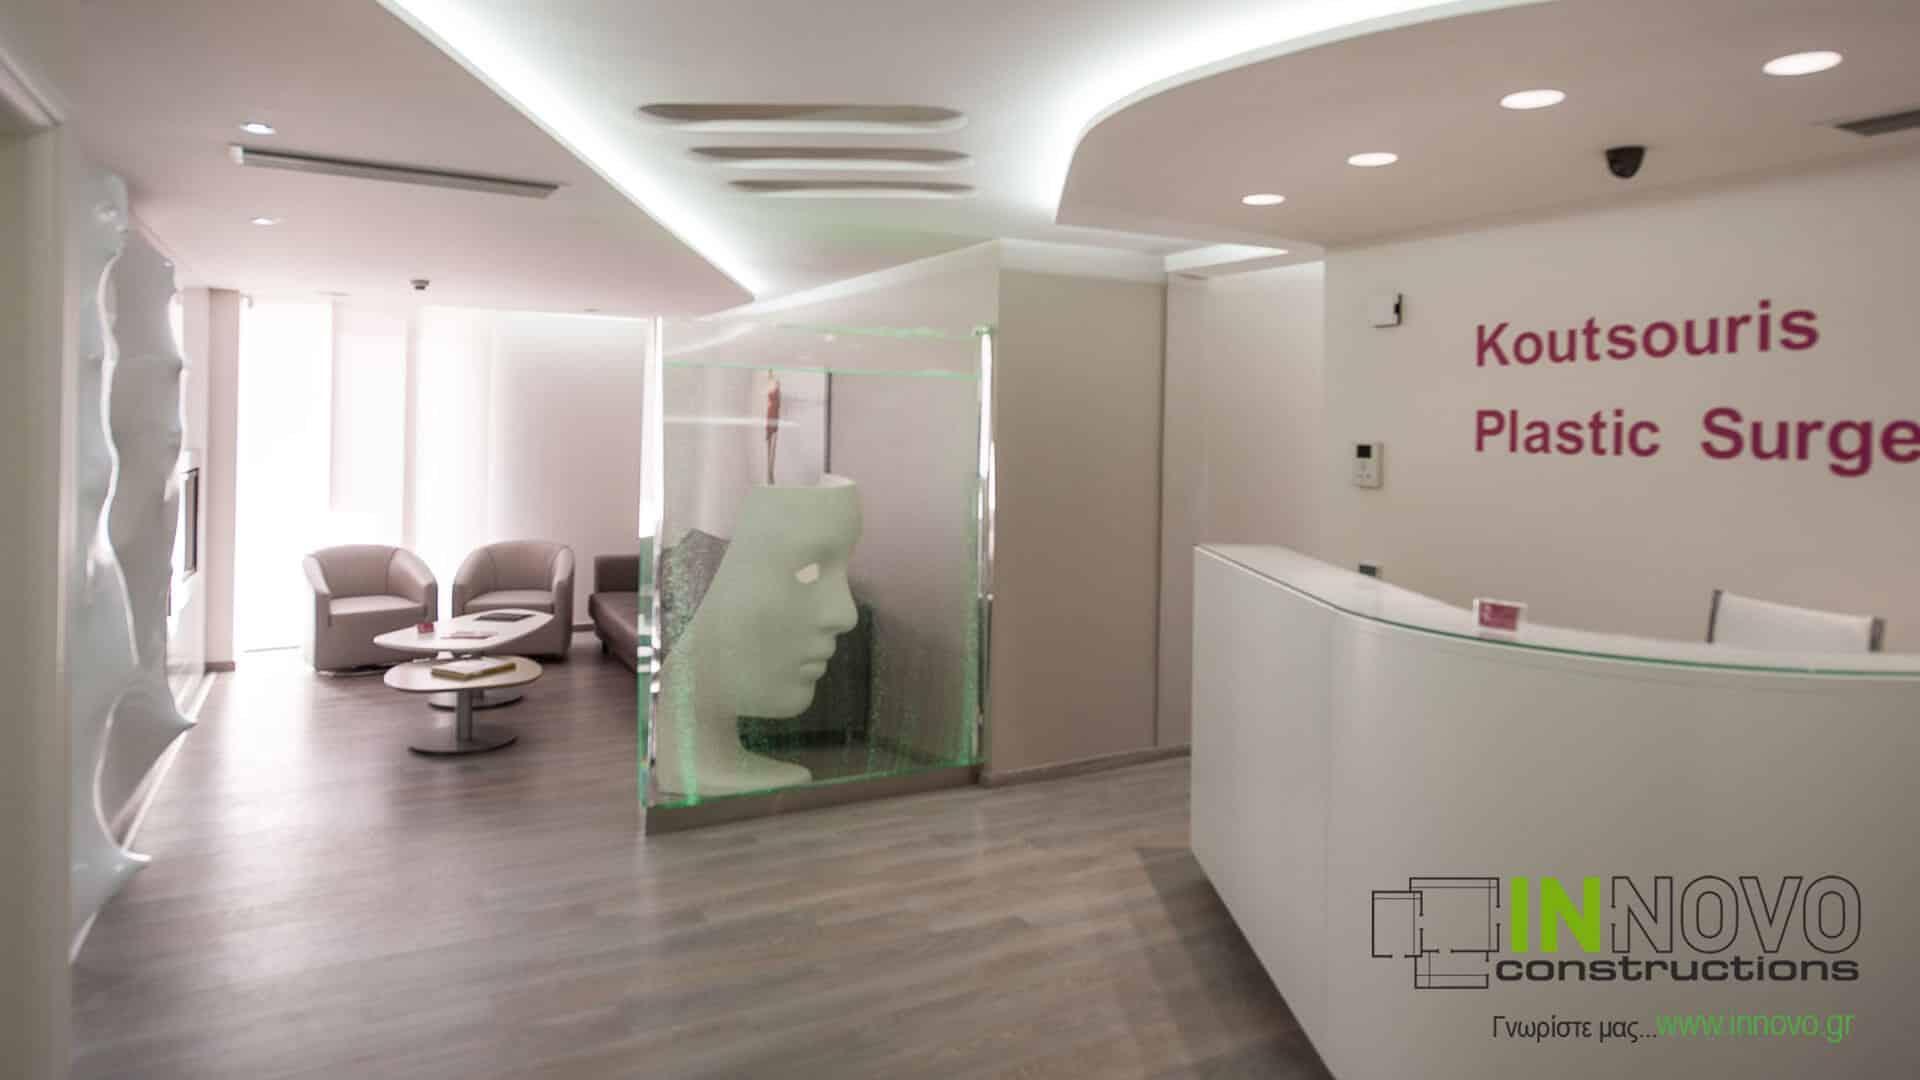 Μελέτη σχεδιασμού Ιατρείου Πλαστικής Χειρουργικής στην Τρίπολη